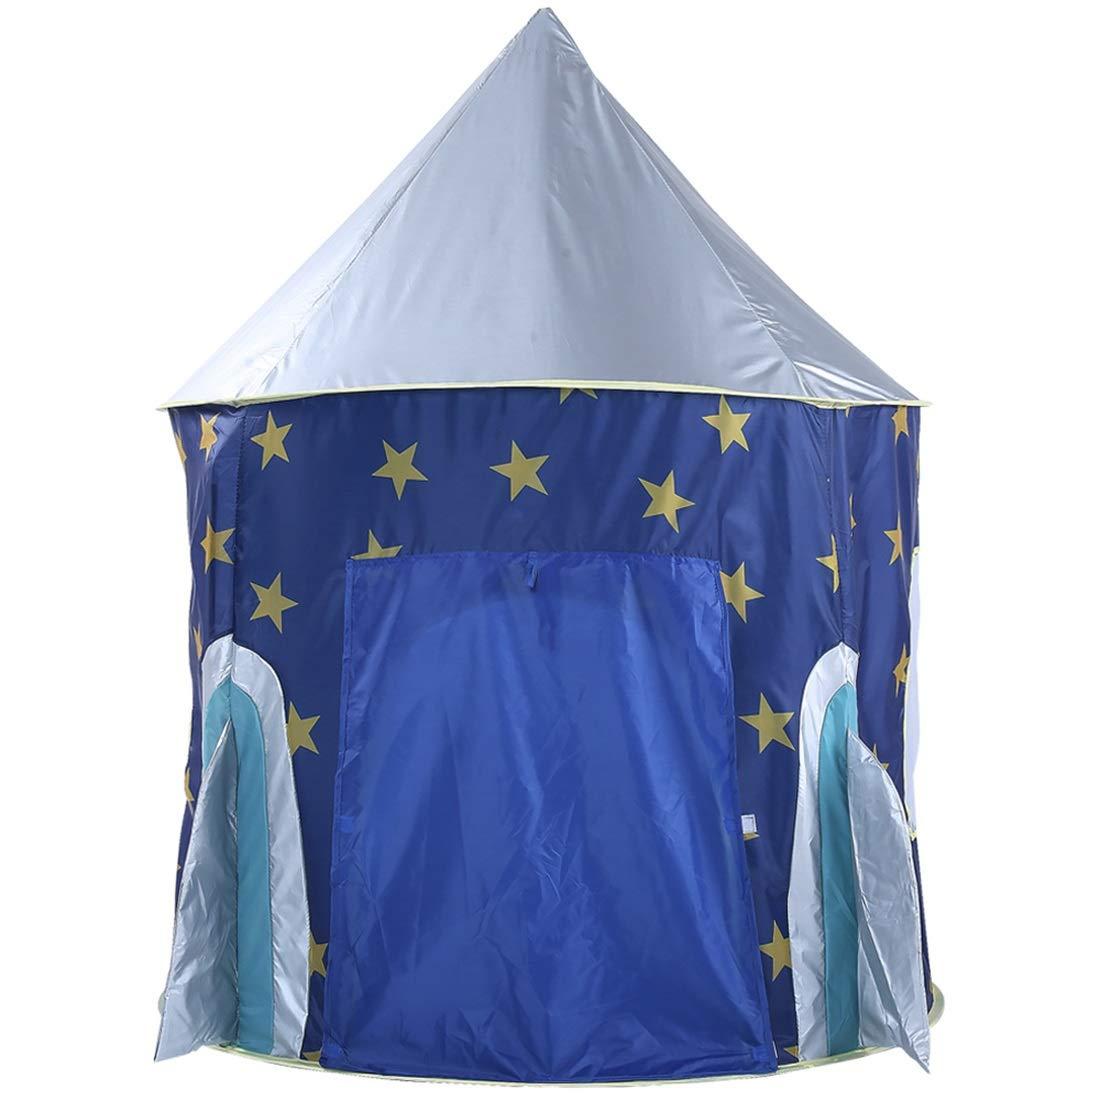 Nekovan B07R5FNBS4 子供のテント折りたたみ赤ちゃんおもちゃの家星ロケット城のプロジェクションプリンスオーシャンゲームボールプール ブルー Nekovan (色 : ブルー) ブルー B07R5FNBS4, ブライダル&ギフトDearCreation:e2412497 --- number-directory.top